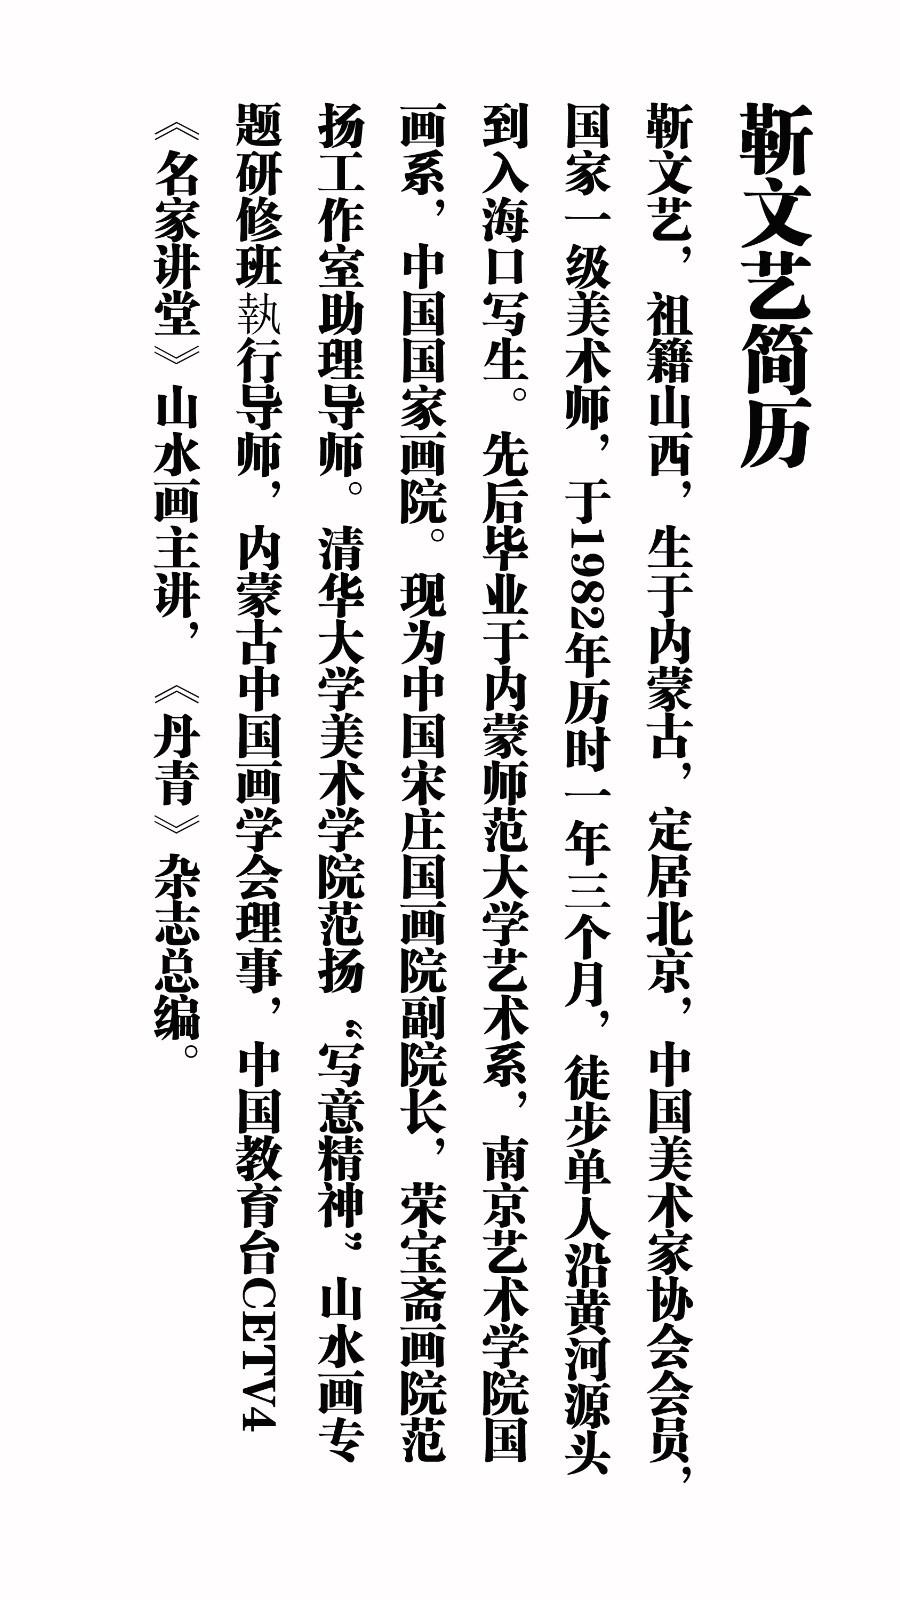 国画导师靳文艺黄河题材写生创作作品_图1-2